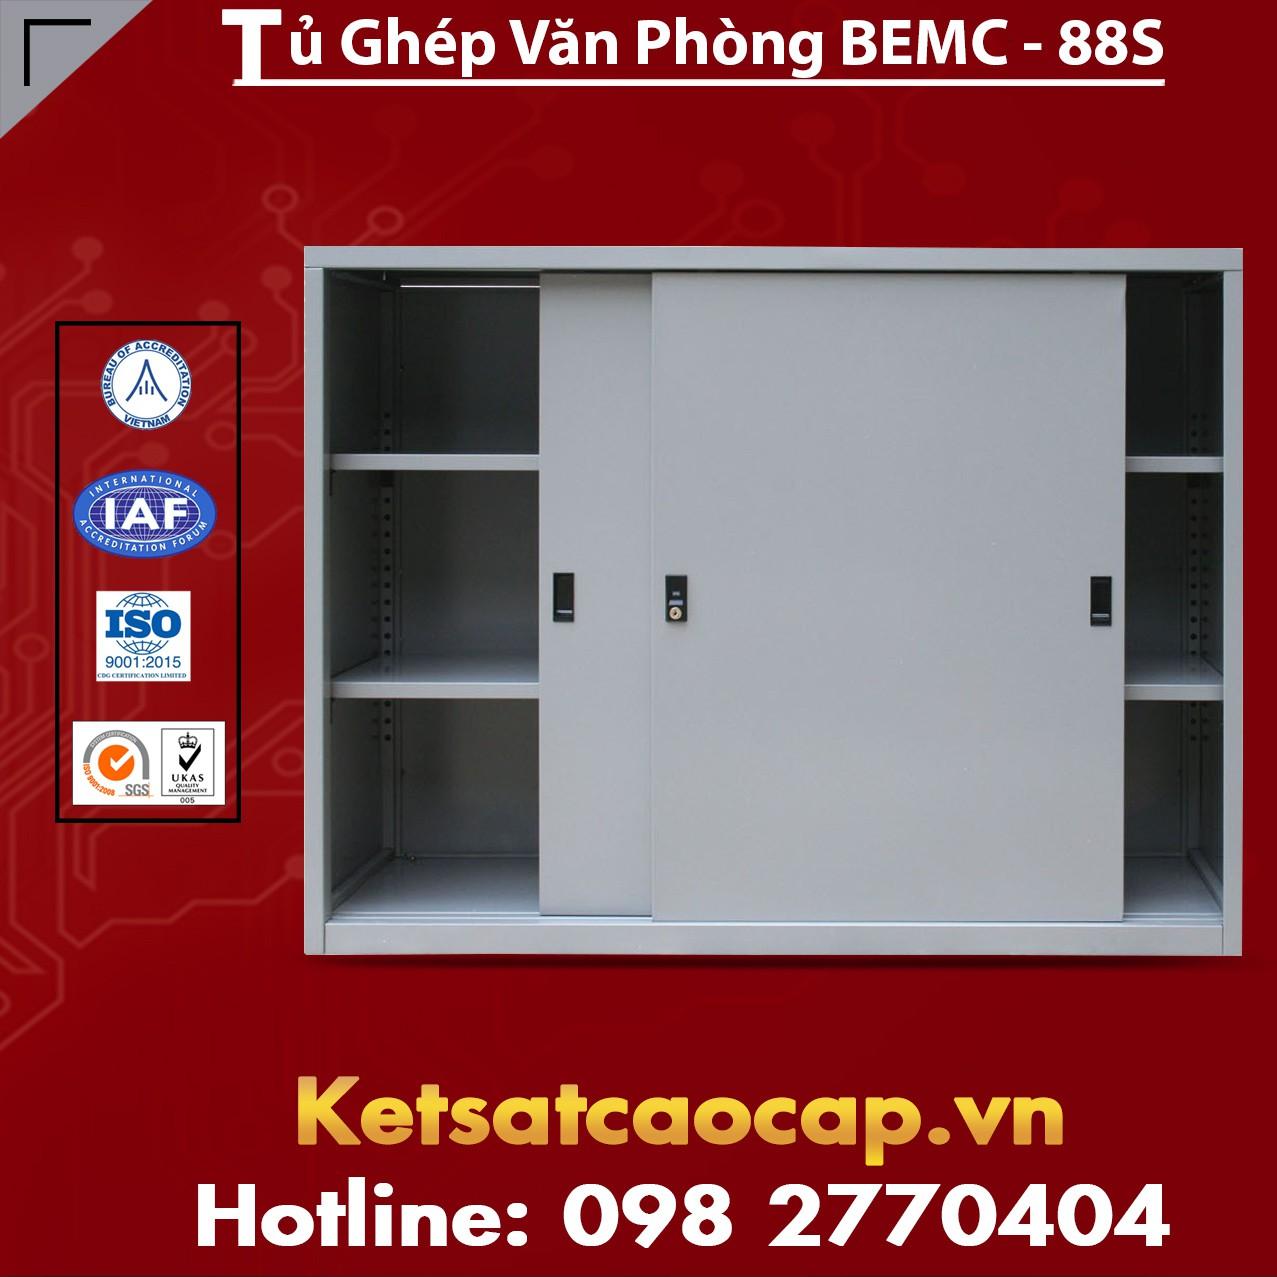 Tủ Ghép Văn Phòng BEMC-88S